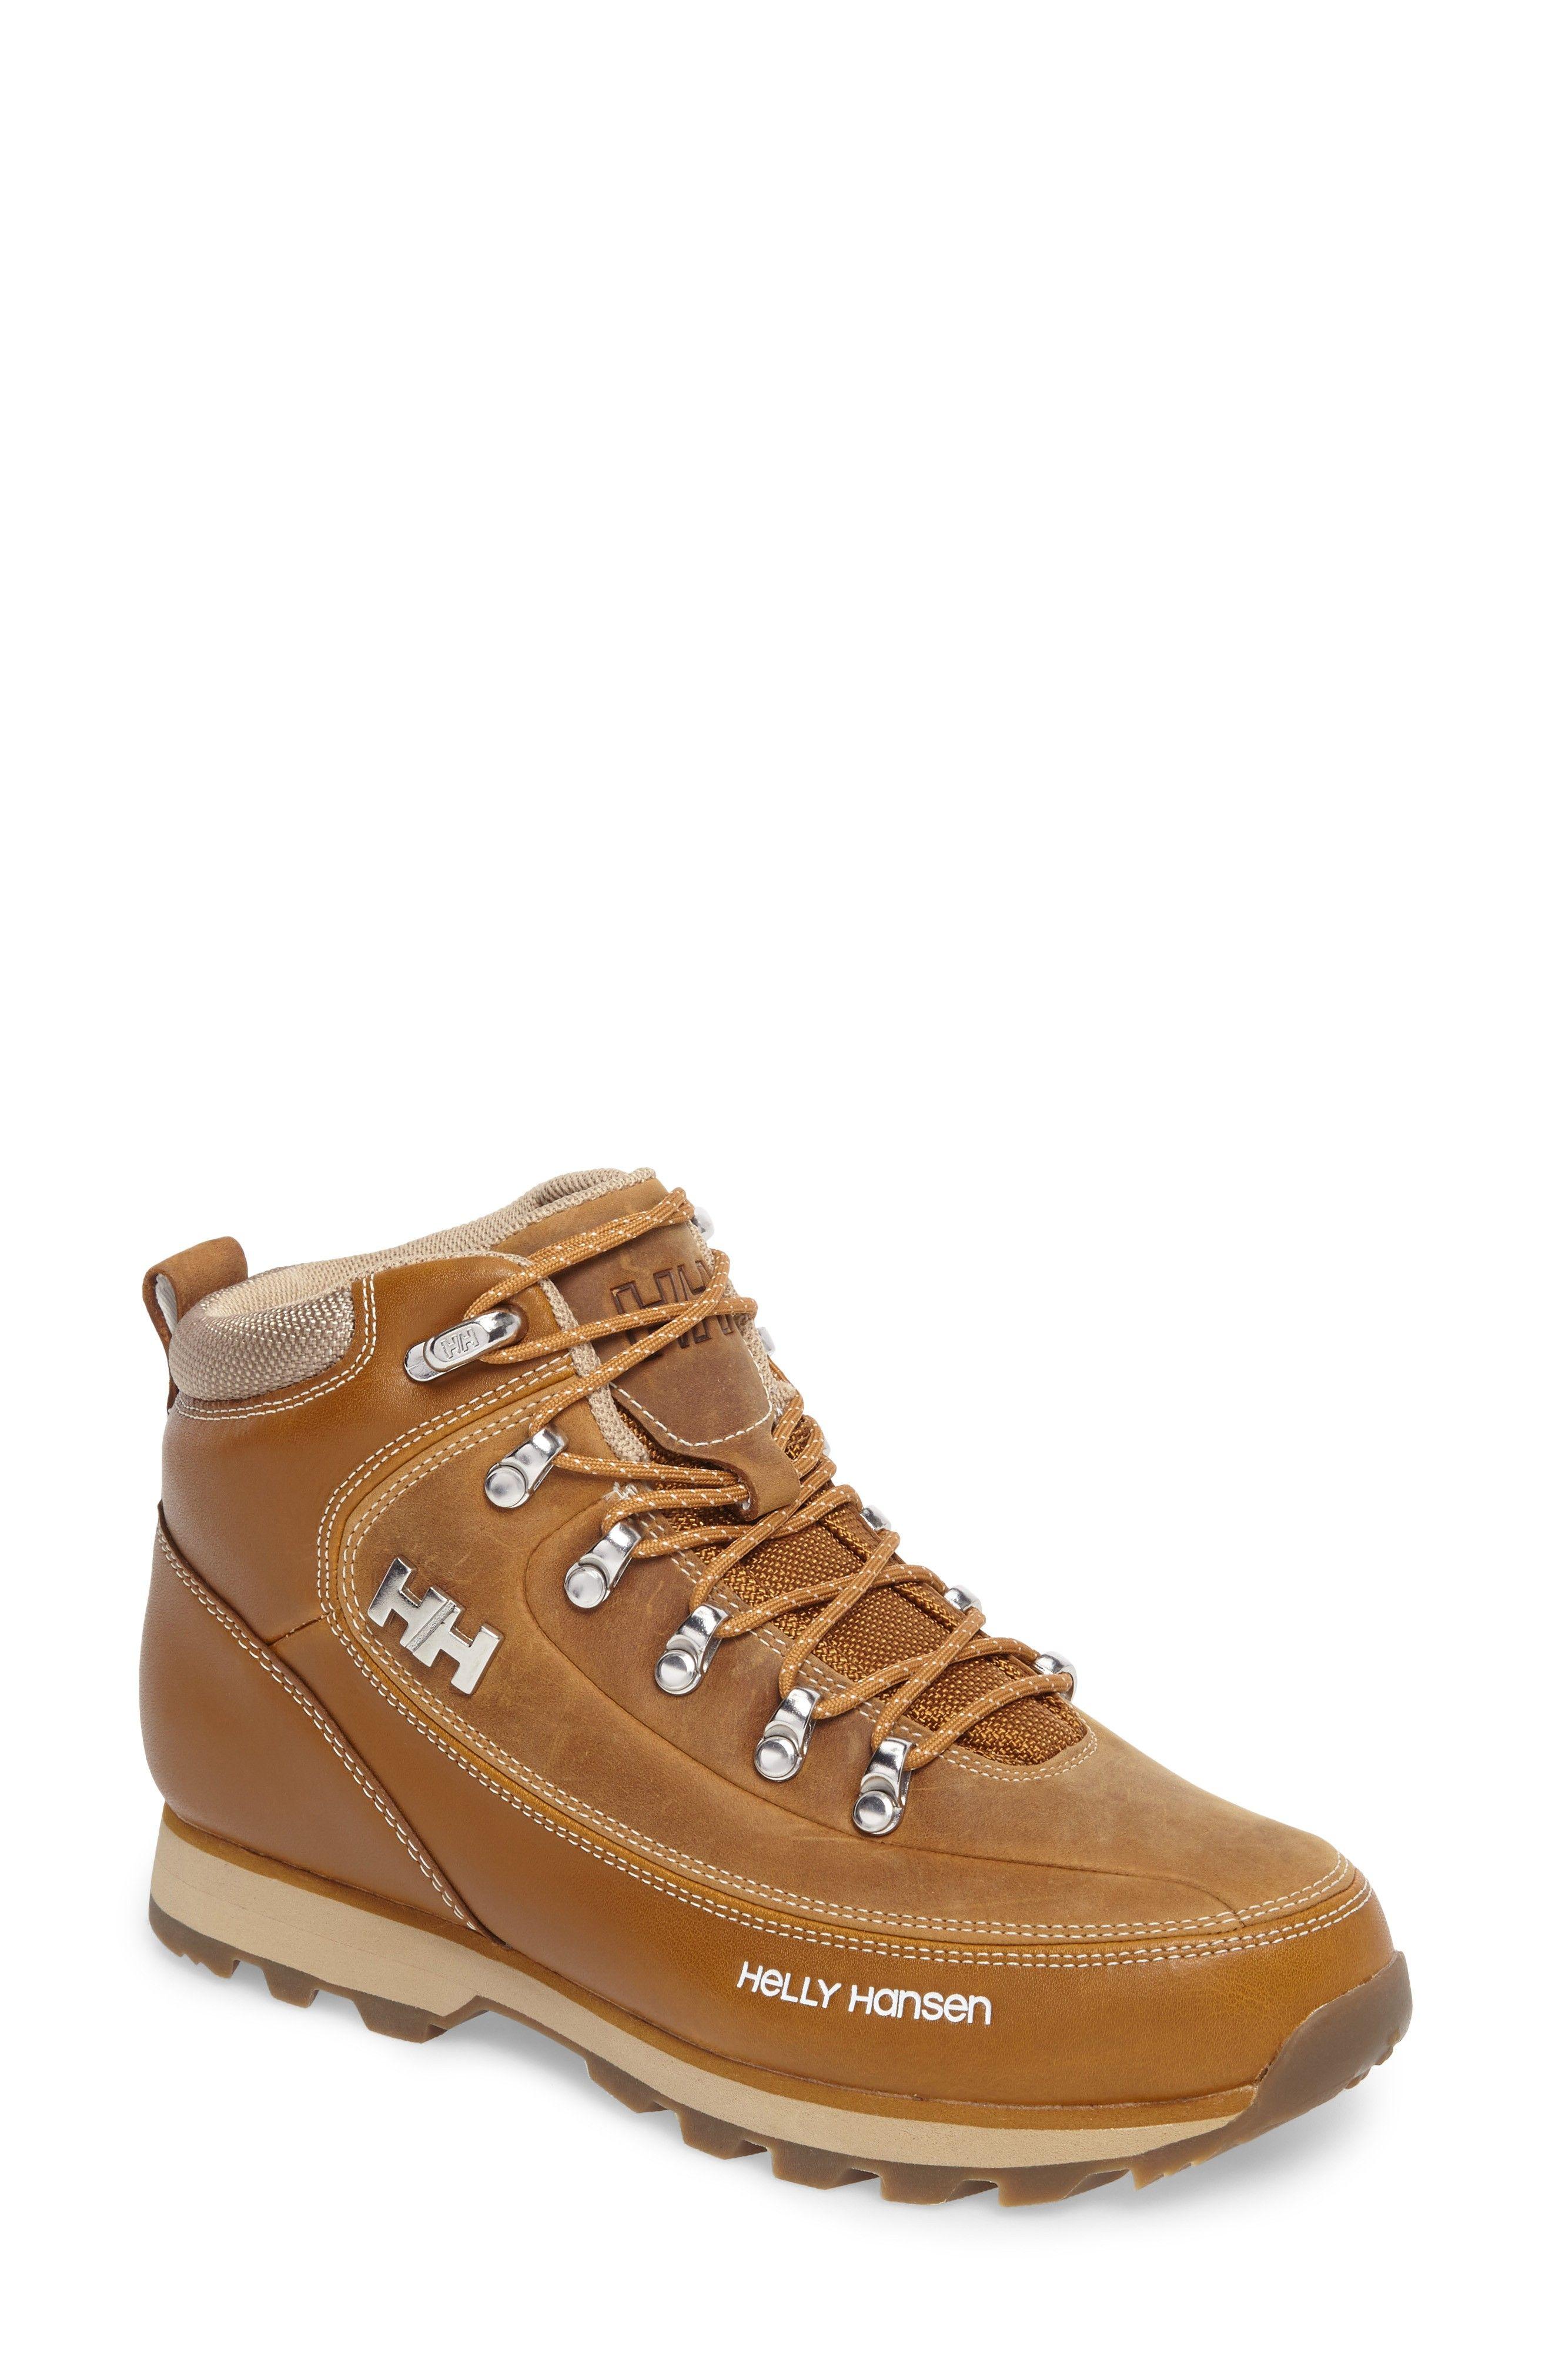 be58ec9de1b Buy HELLY HANSEN The Forester Bootie online. New HELLY HANSEN Boots.    139.95  SKU XUBH15729KFTB20823